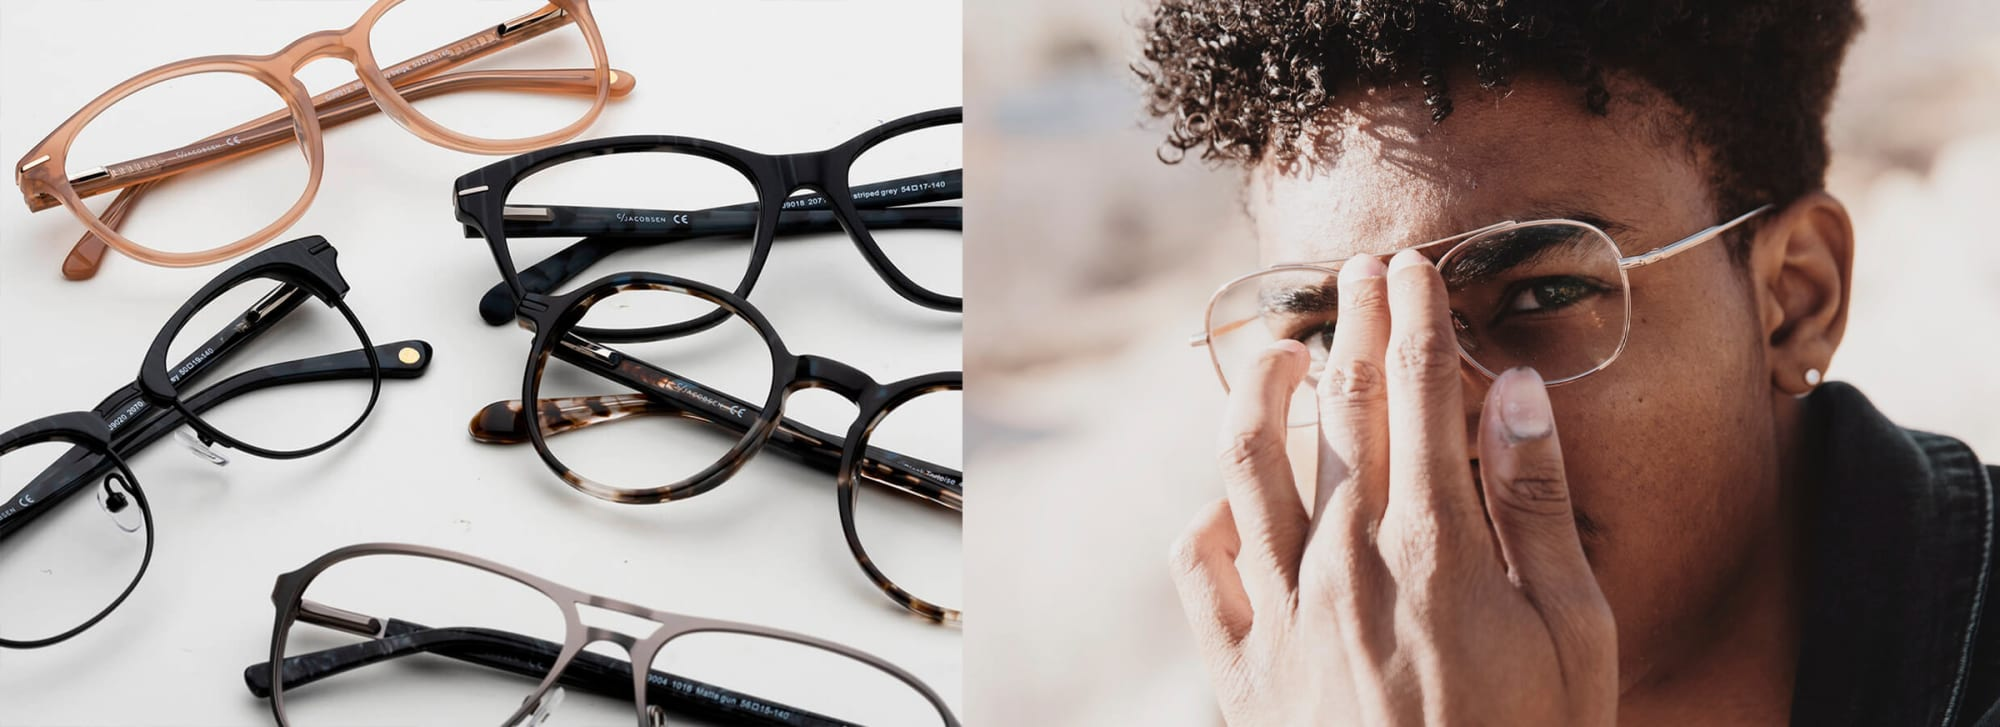 Slik justerer du dine briller hjemme selv